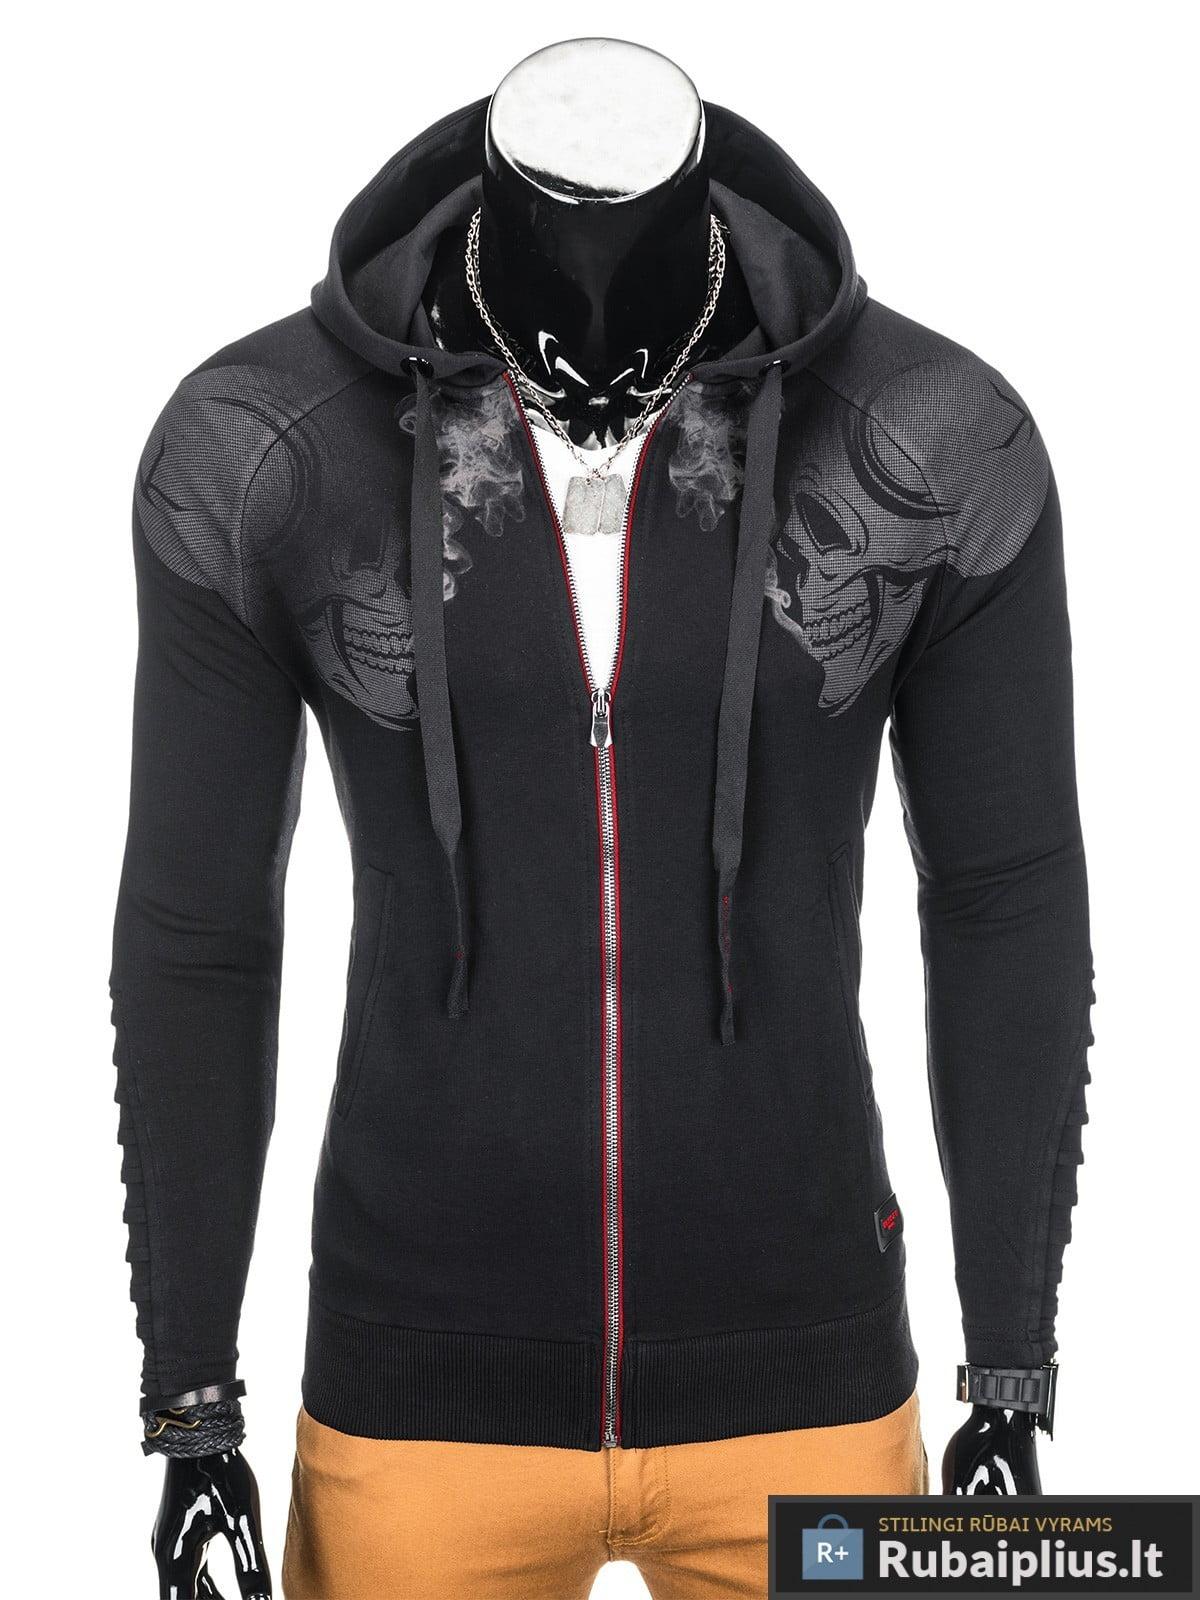 stilingas juodos spalvos dzemperis vyrams internetu pigiau, nebrangiai madingi vyriški džemperiai protigna kaina jaunuoliams, berniukams, paaugliams pigiau, nuolaidos